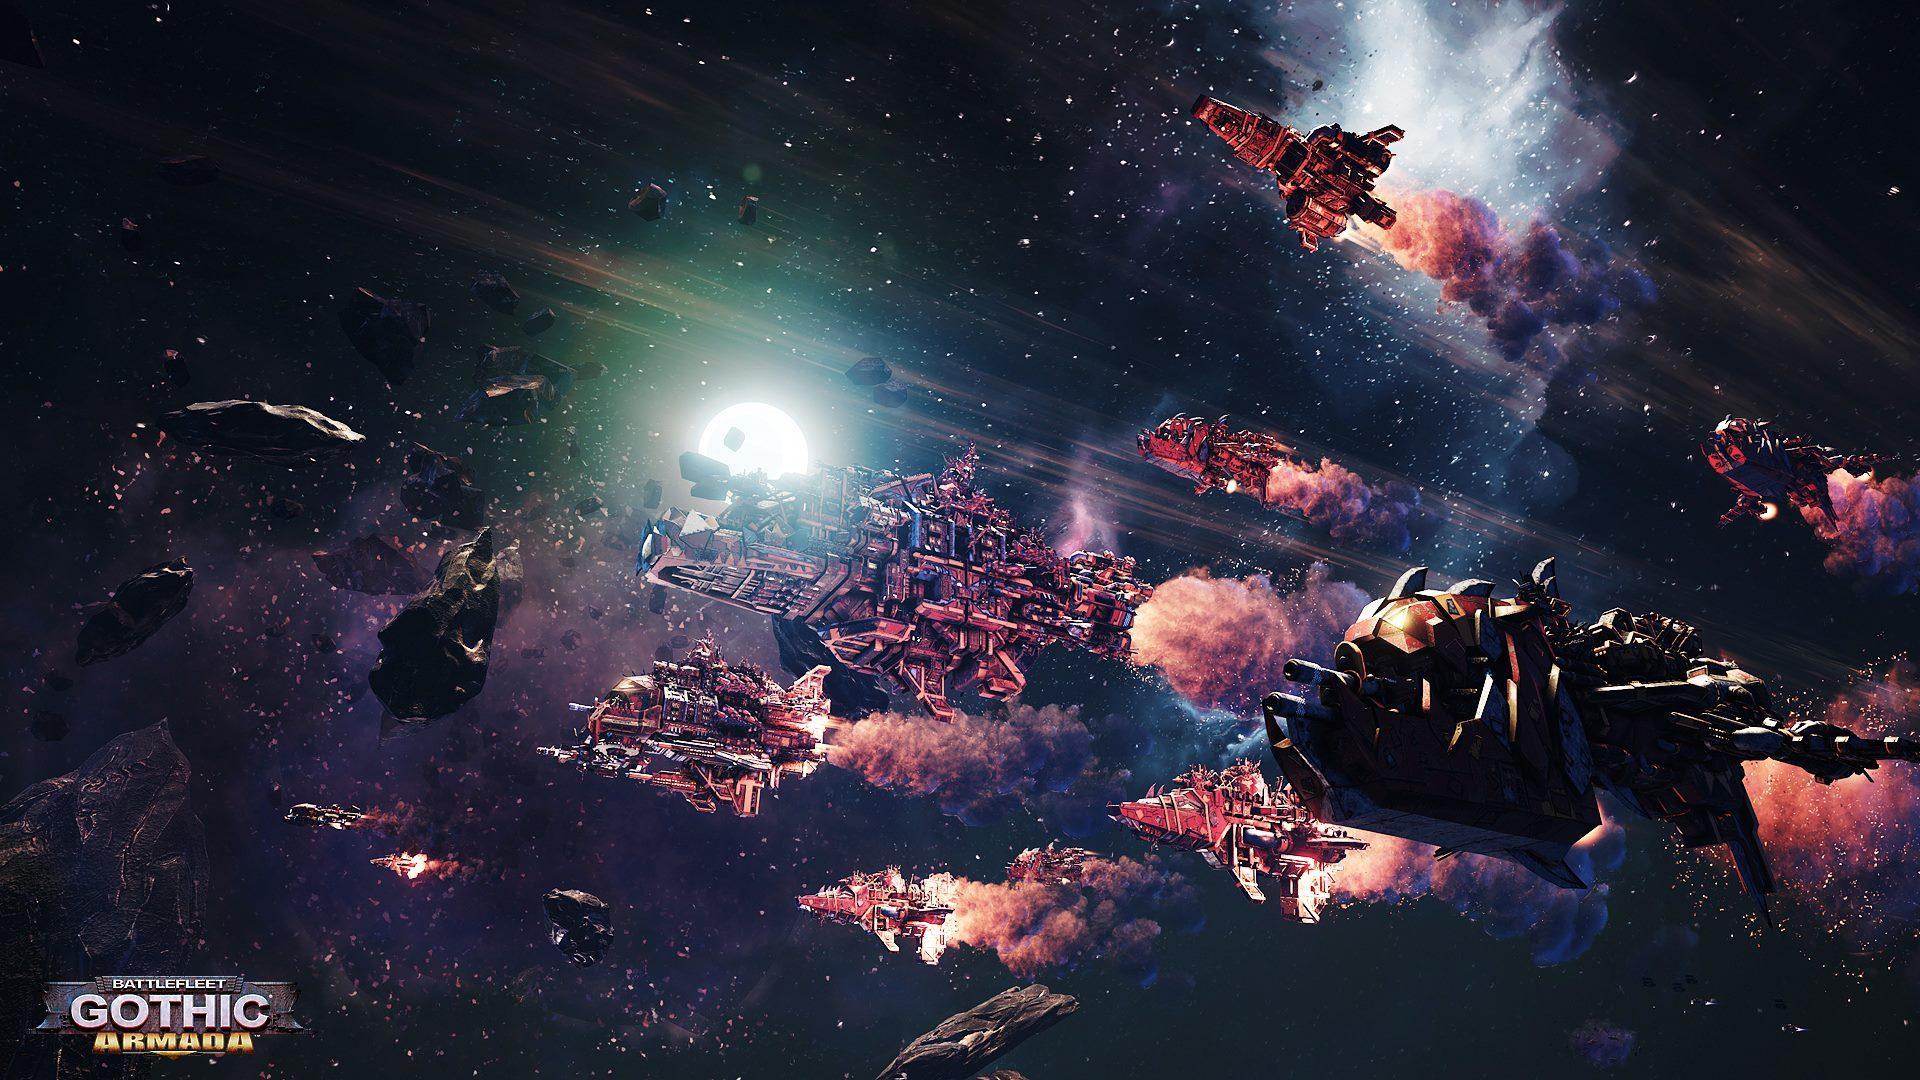 《哥特舰队:阿玛达》新截图 飞船造型特霸气